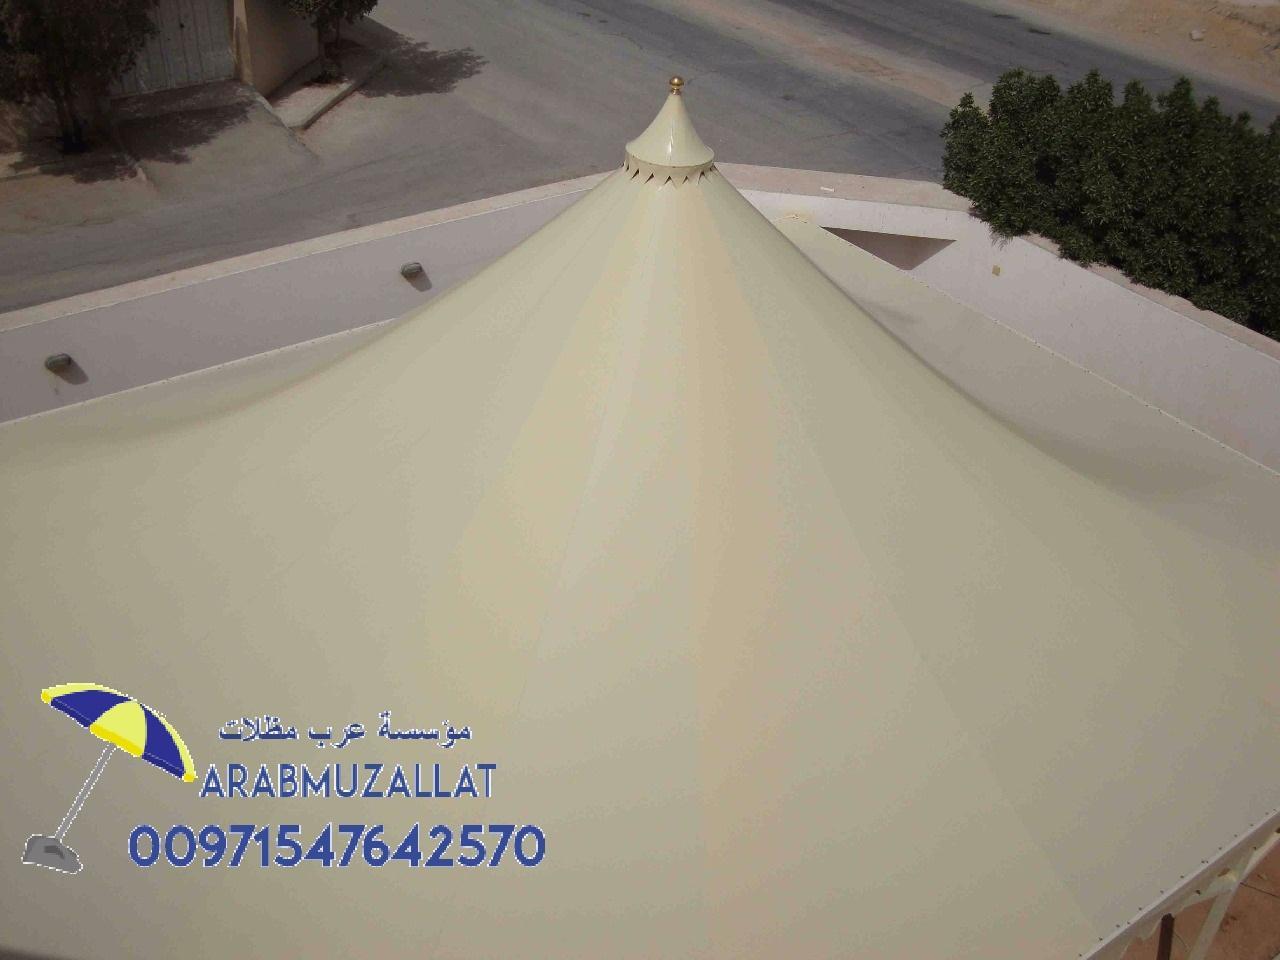 تصميمات الجمال للمظلات والسواتر 00971547642570